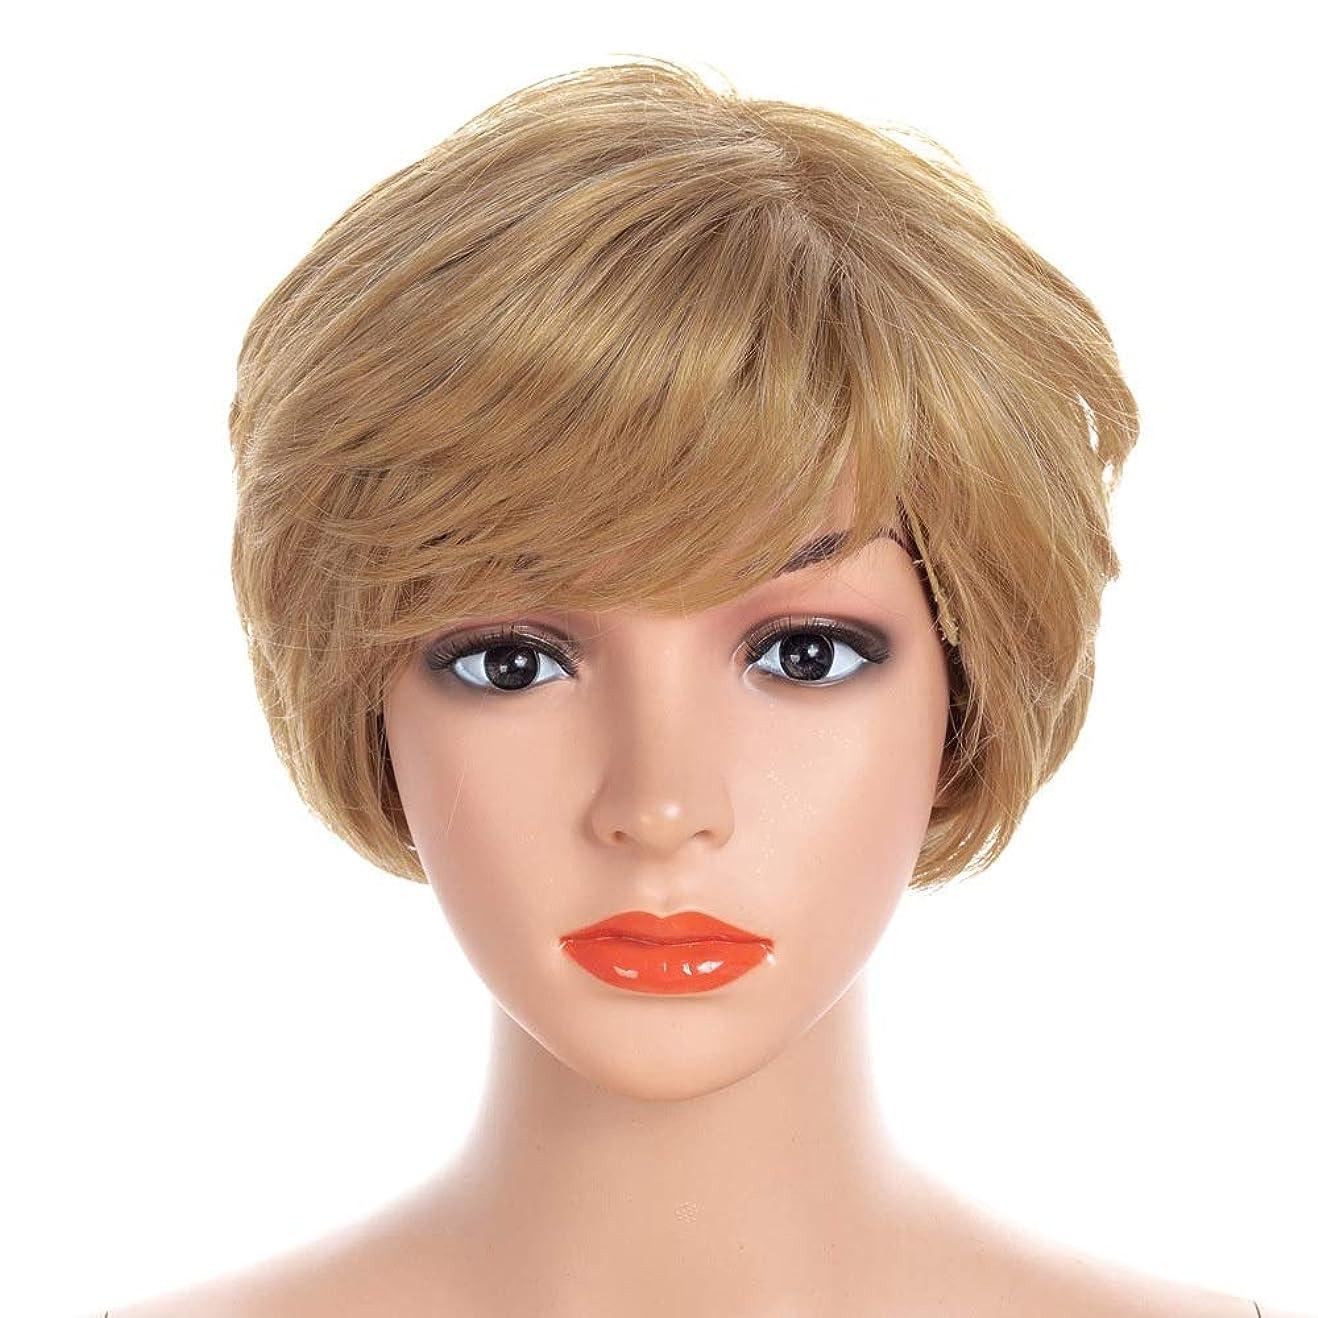 マチュピチュレインコート意図的Isikawan 無料のヘアネットコスプレパーティードレス付き人工毛ボブショートカーリーブロンド (色 : Blonde, サイズ : 30cm)